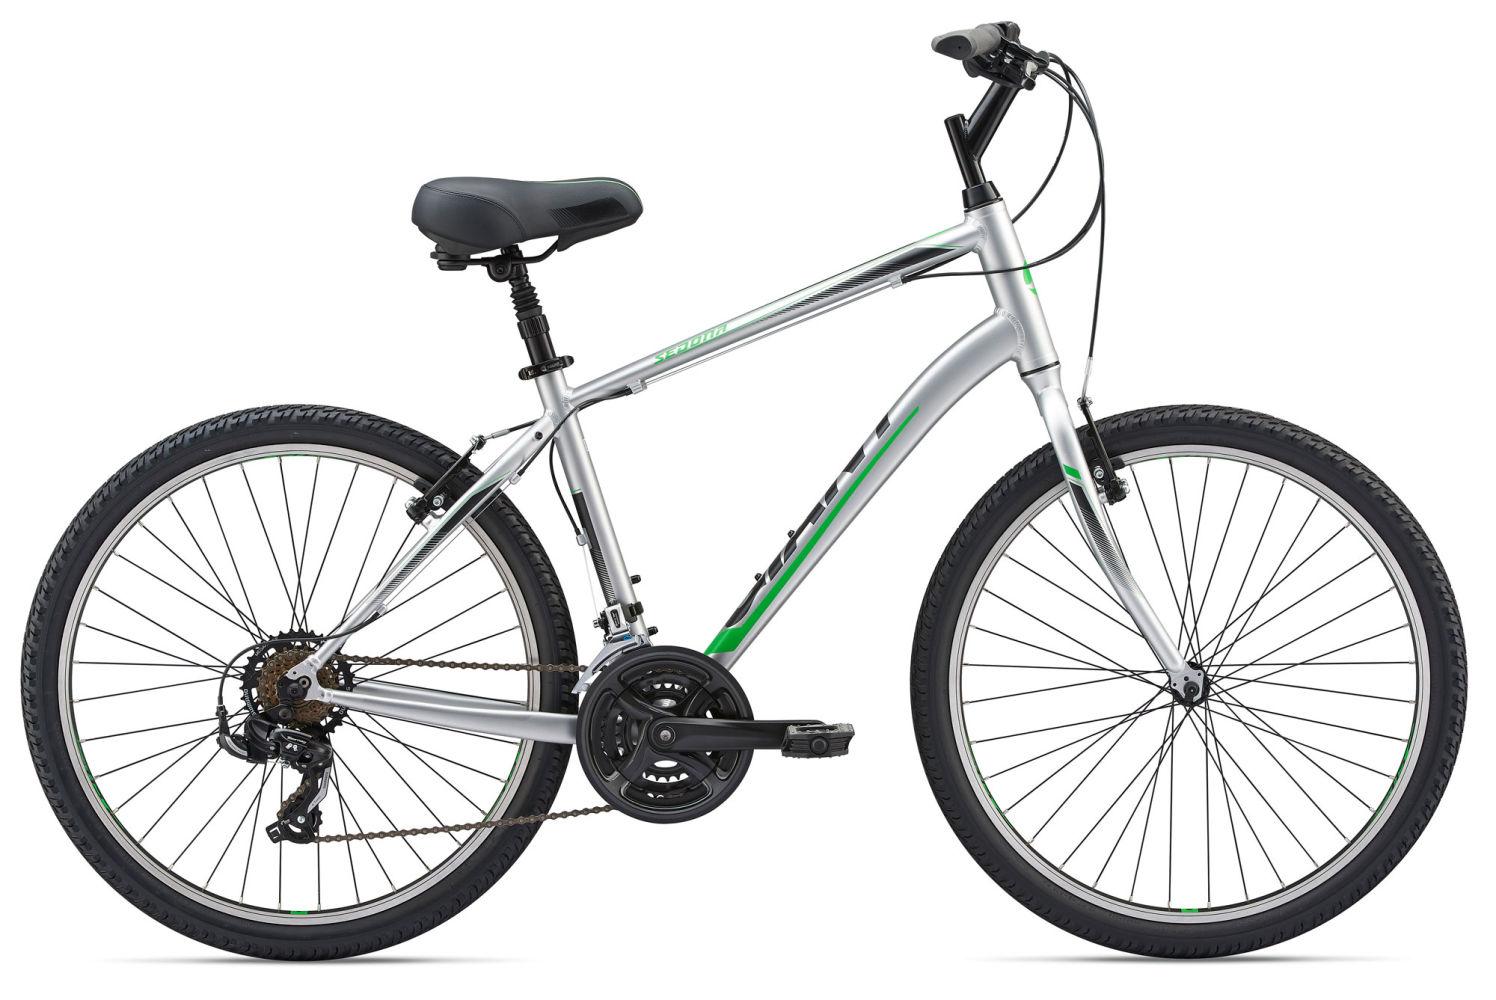 Sedona 2019 Giant Bicycles United States